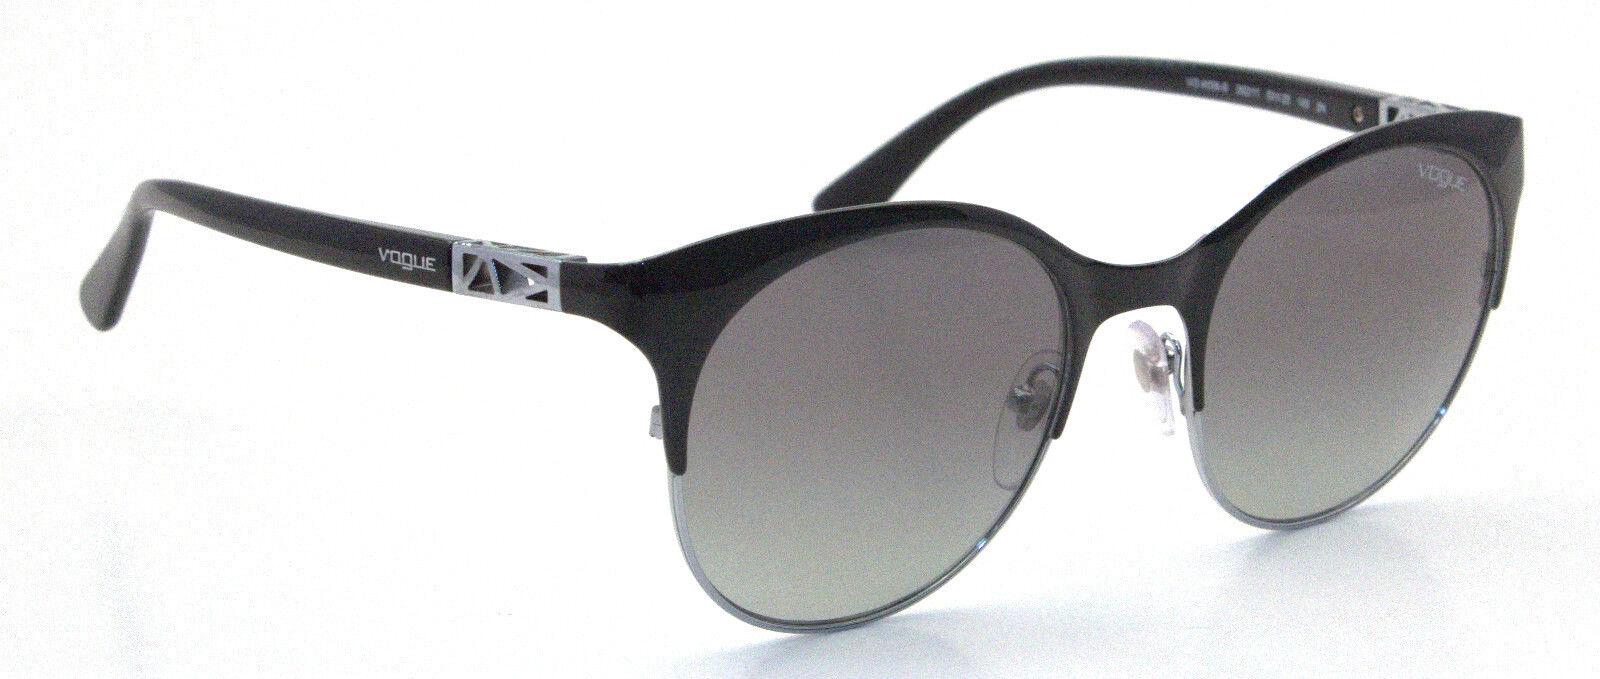 Vogue Vogue Vogue Sonnenbrille   Sunglasses VO4006-S 352 11 Gr.53 Konkursaufkauf  275(87)   Reichhaltiges Design  f5019c